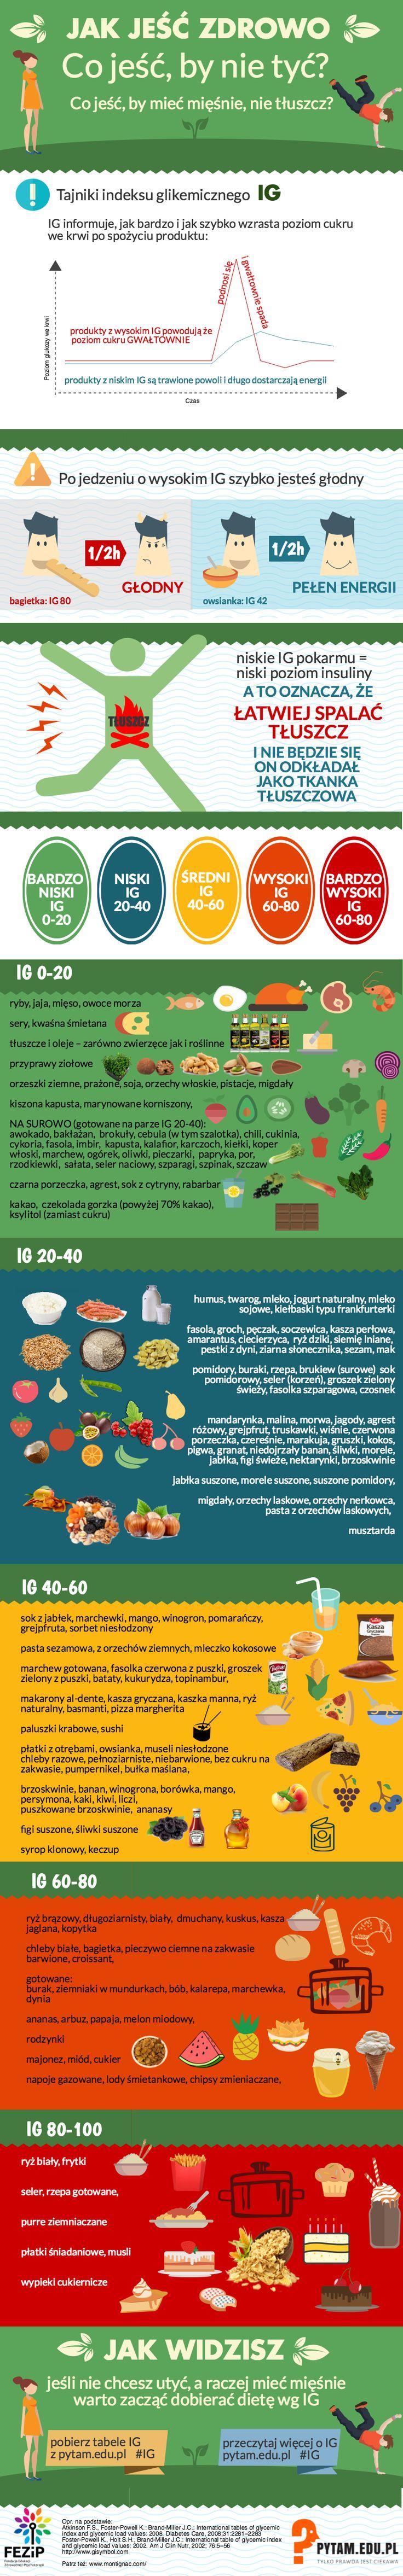 Jak jeść, by nie tyć. Jak jeść, by mieć mięśnie, nie tłuszcz.